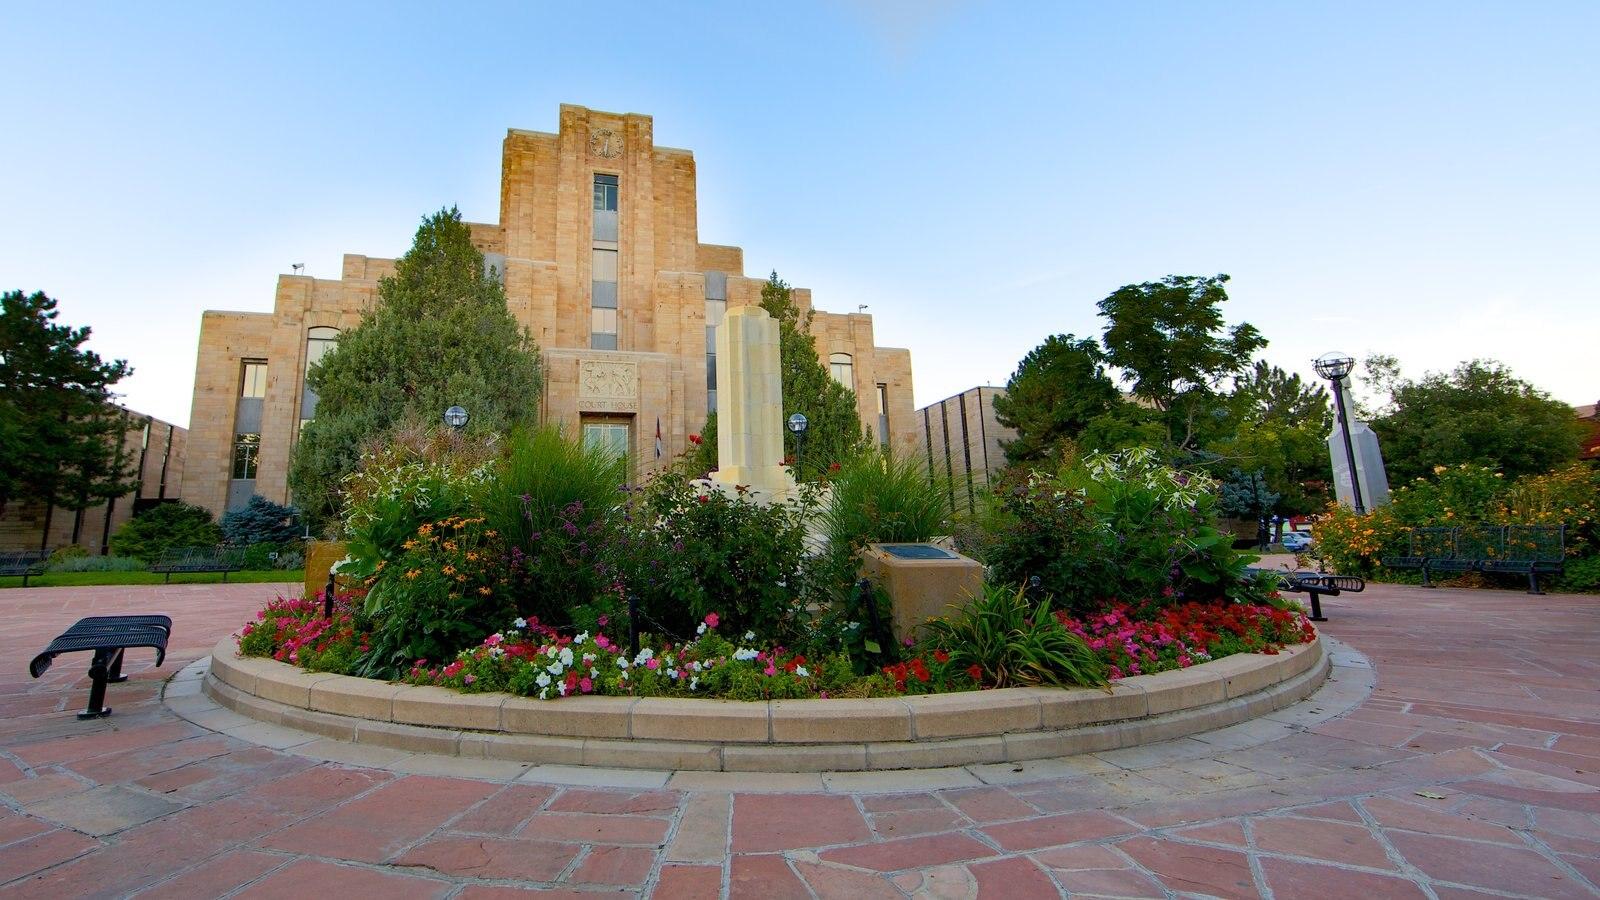 Boulder que inclui flores, um parque e arquitetura de patrimônio